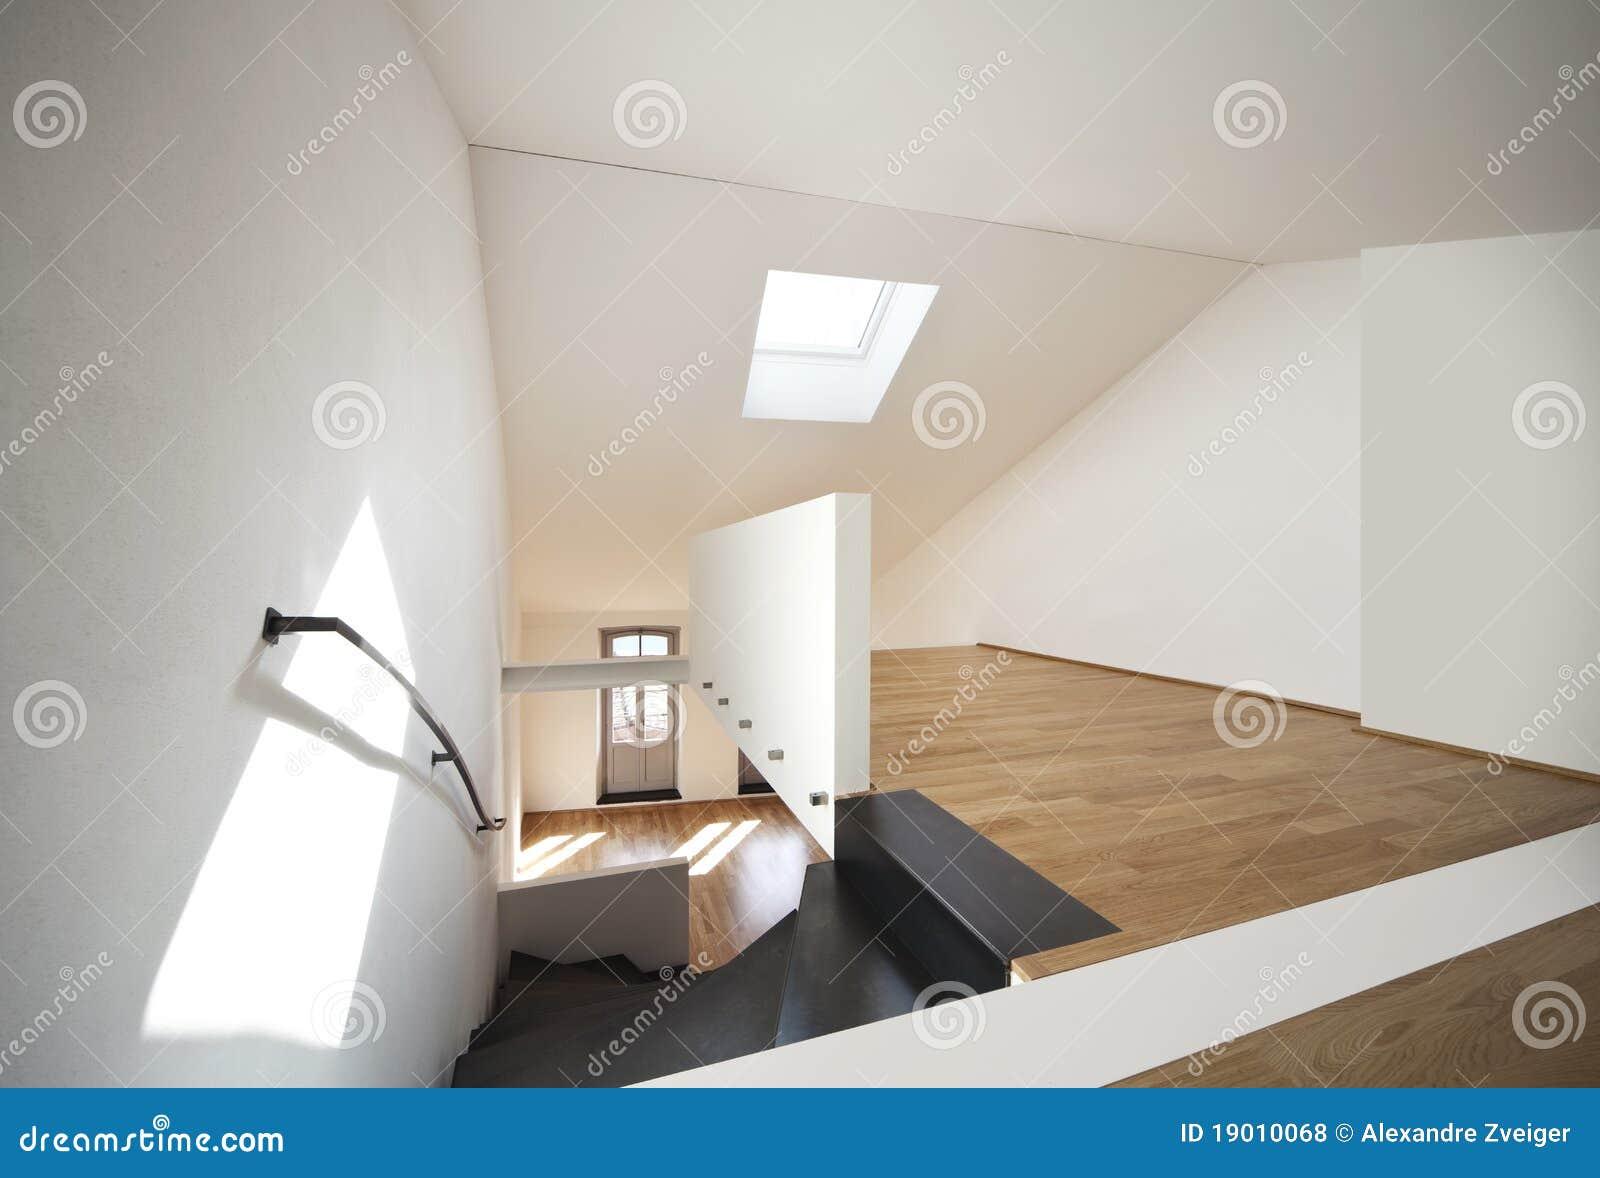 sch ne moderne wohnung loft duplex lizenzfreie stockfotos. Black Bedroom Furniture Sets. Home Design Ideas